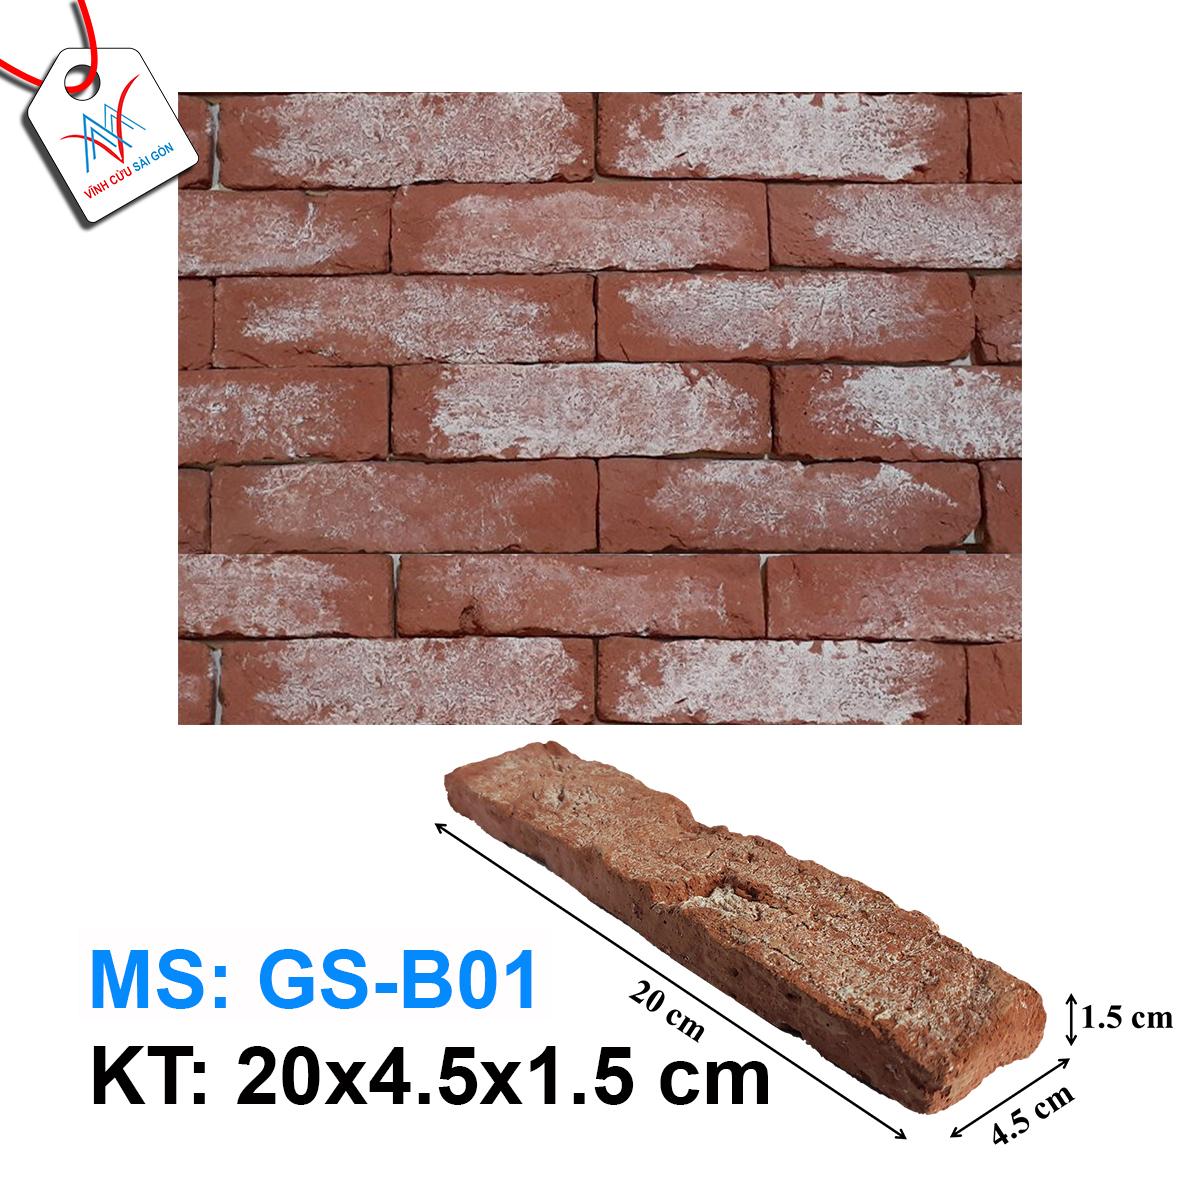 Gạch cổ GS-B01